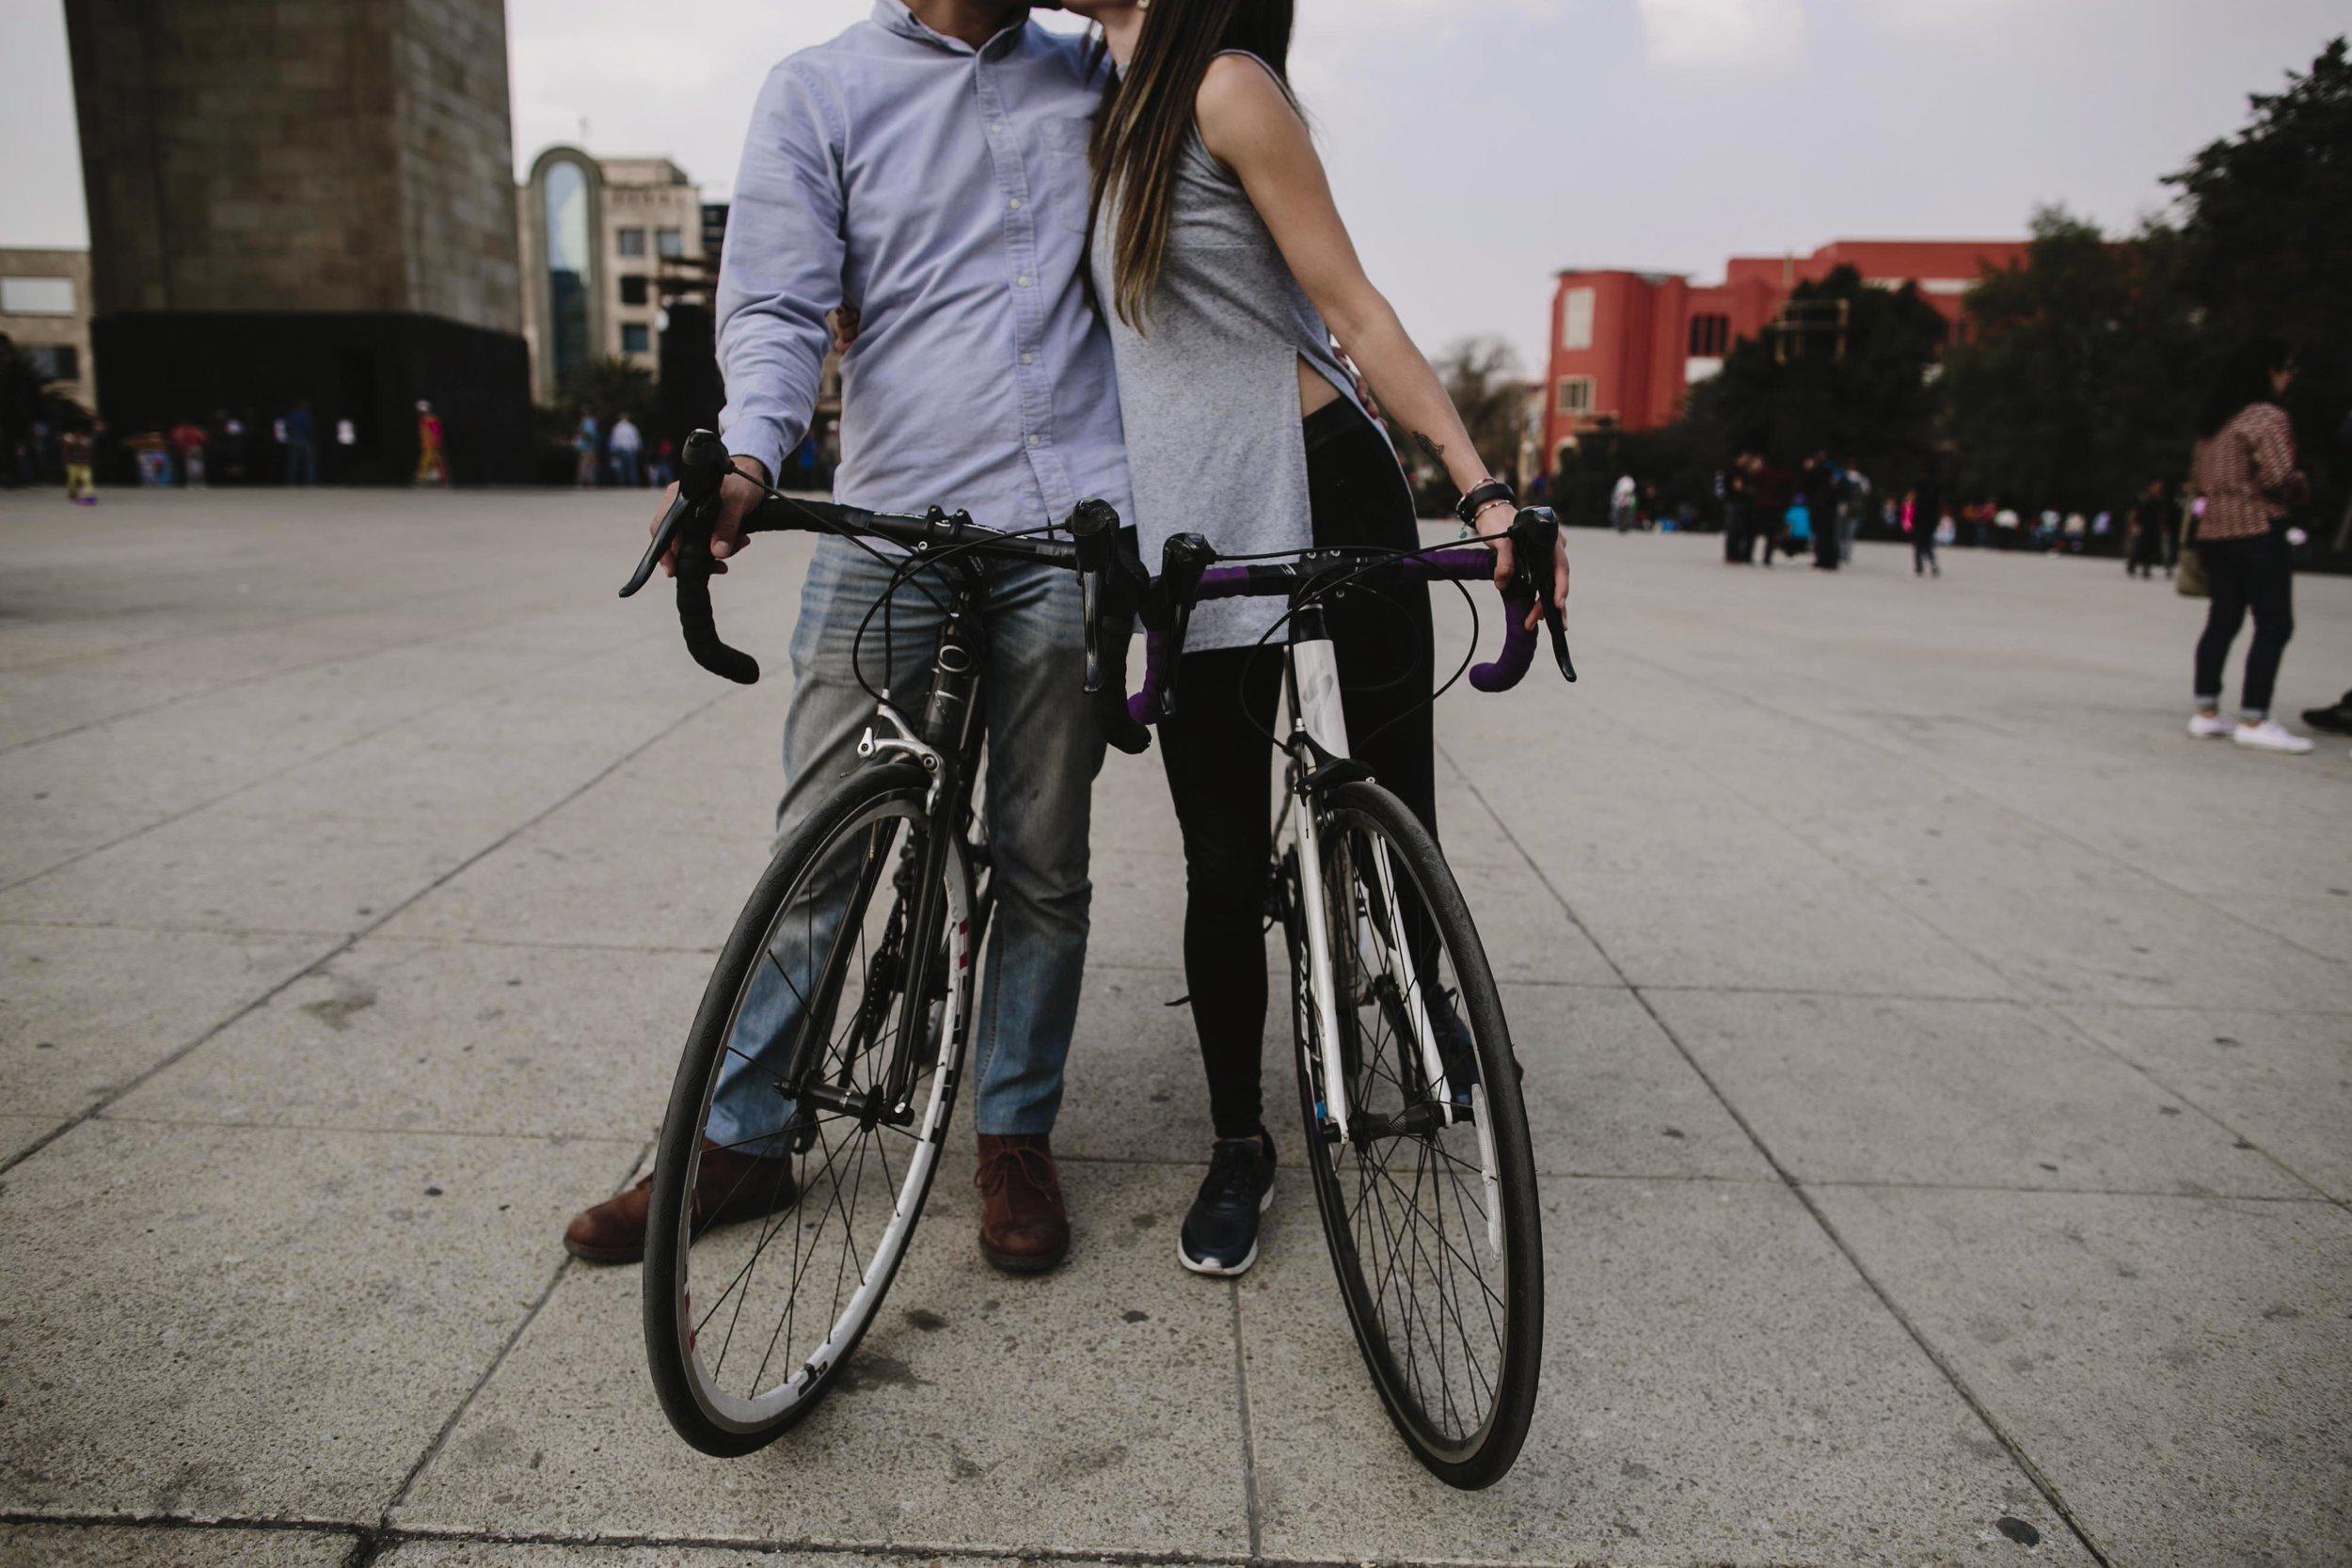 alfonso_flores_destination_wedding_photography_ciudad_de_mexico10.jpg